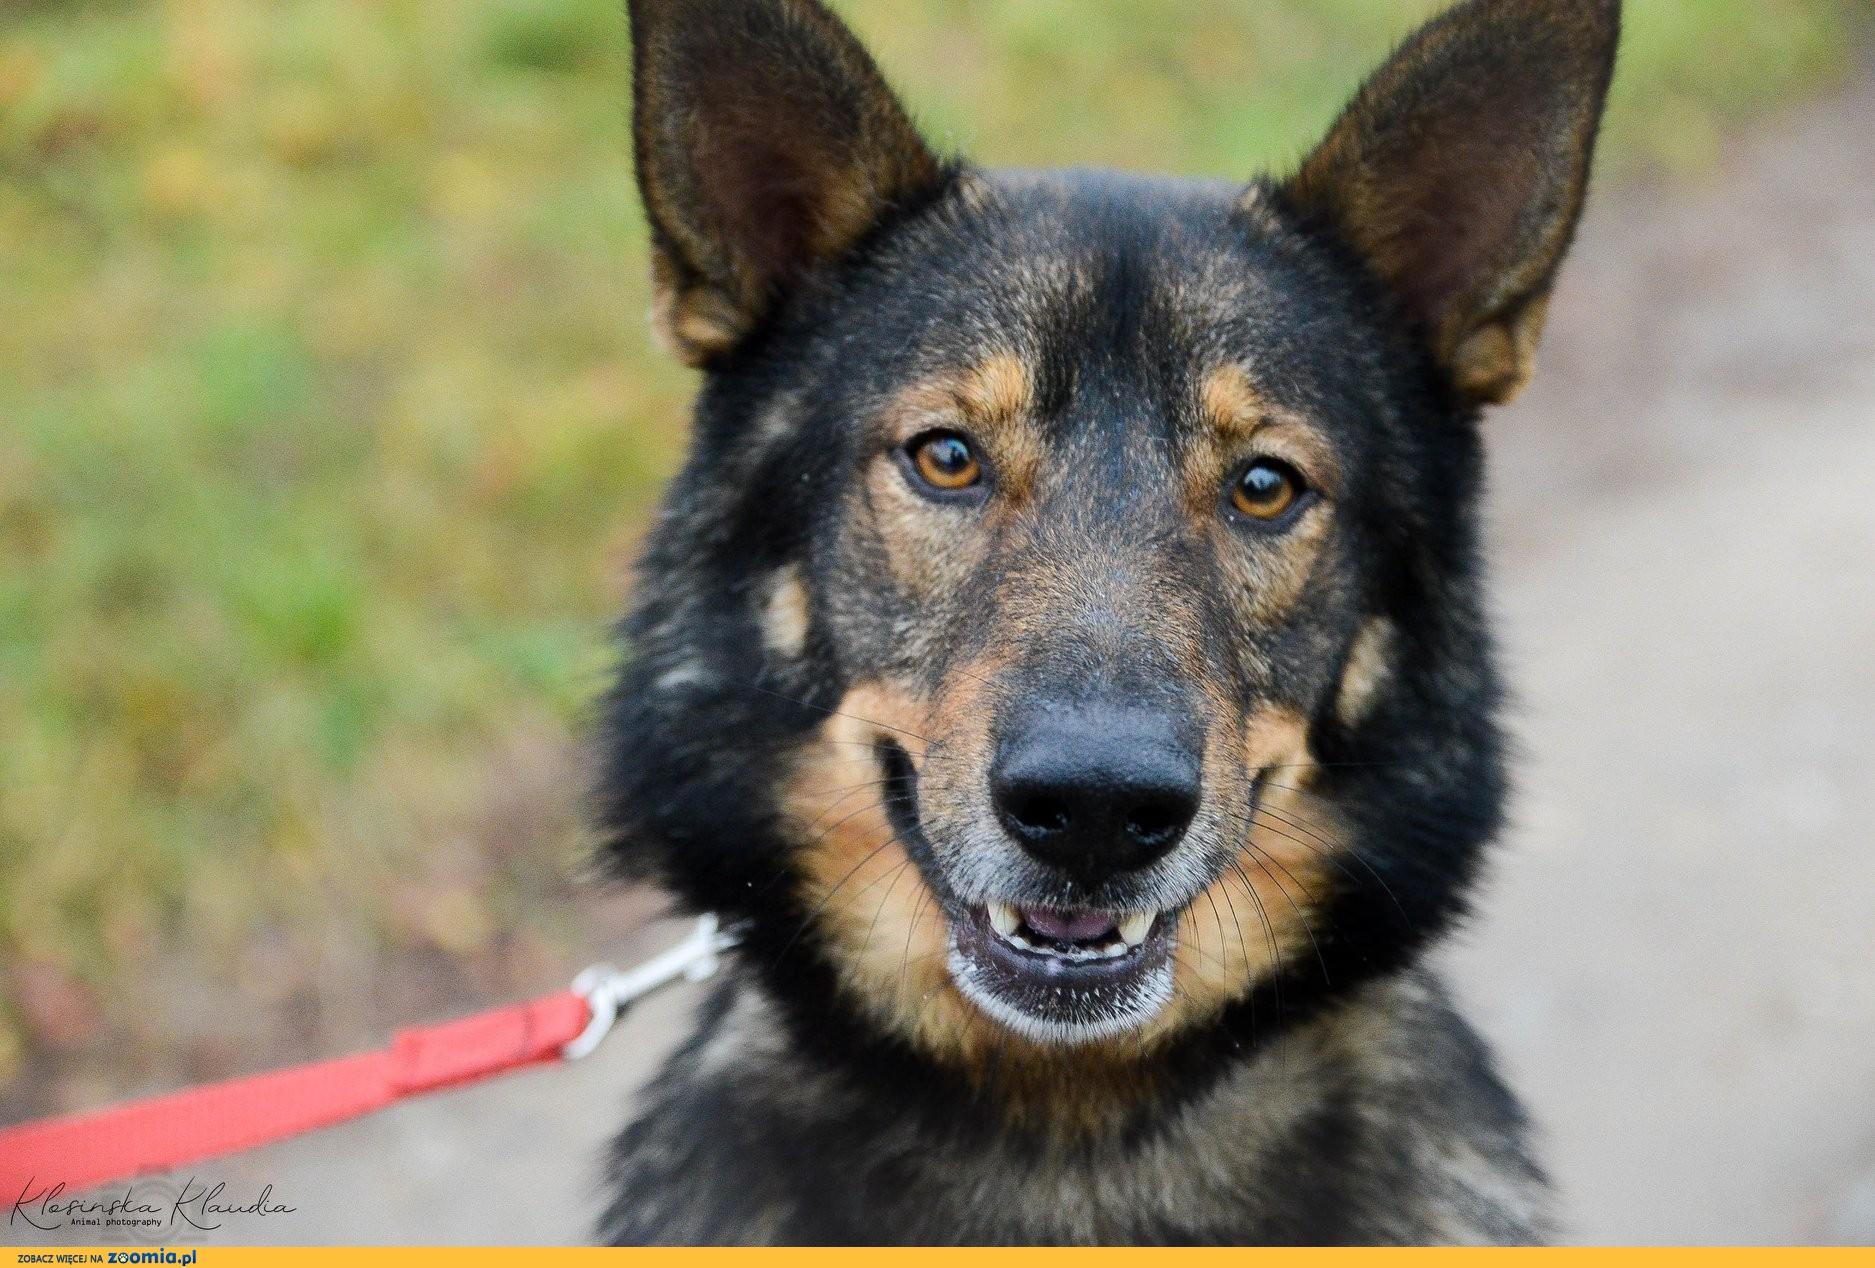 Irys, cudowny owczarkowaty pies odda Ci swoje serce!